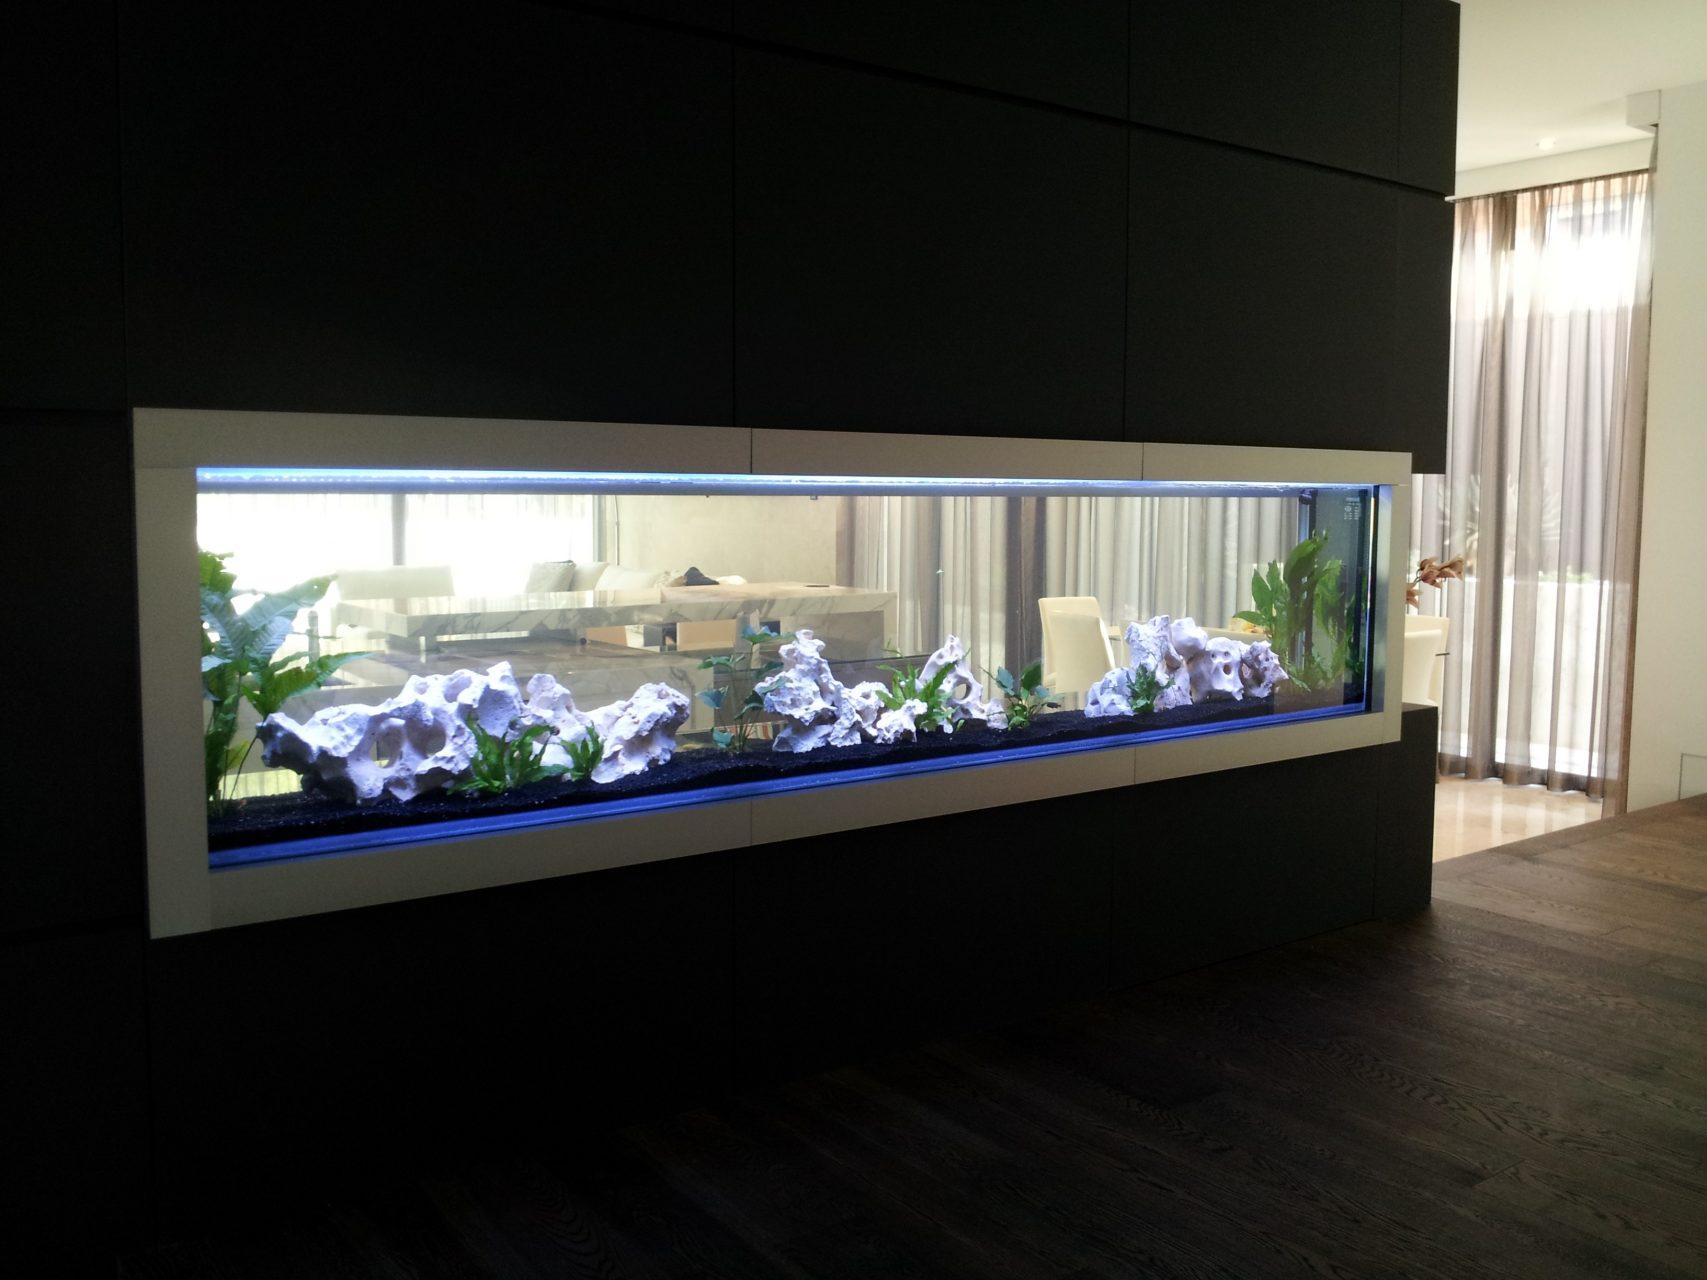 aquariums outreach team worked - HD3264×2448